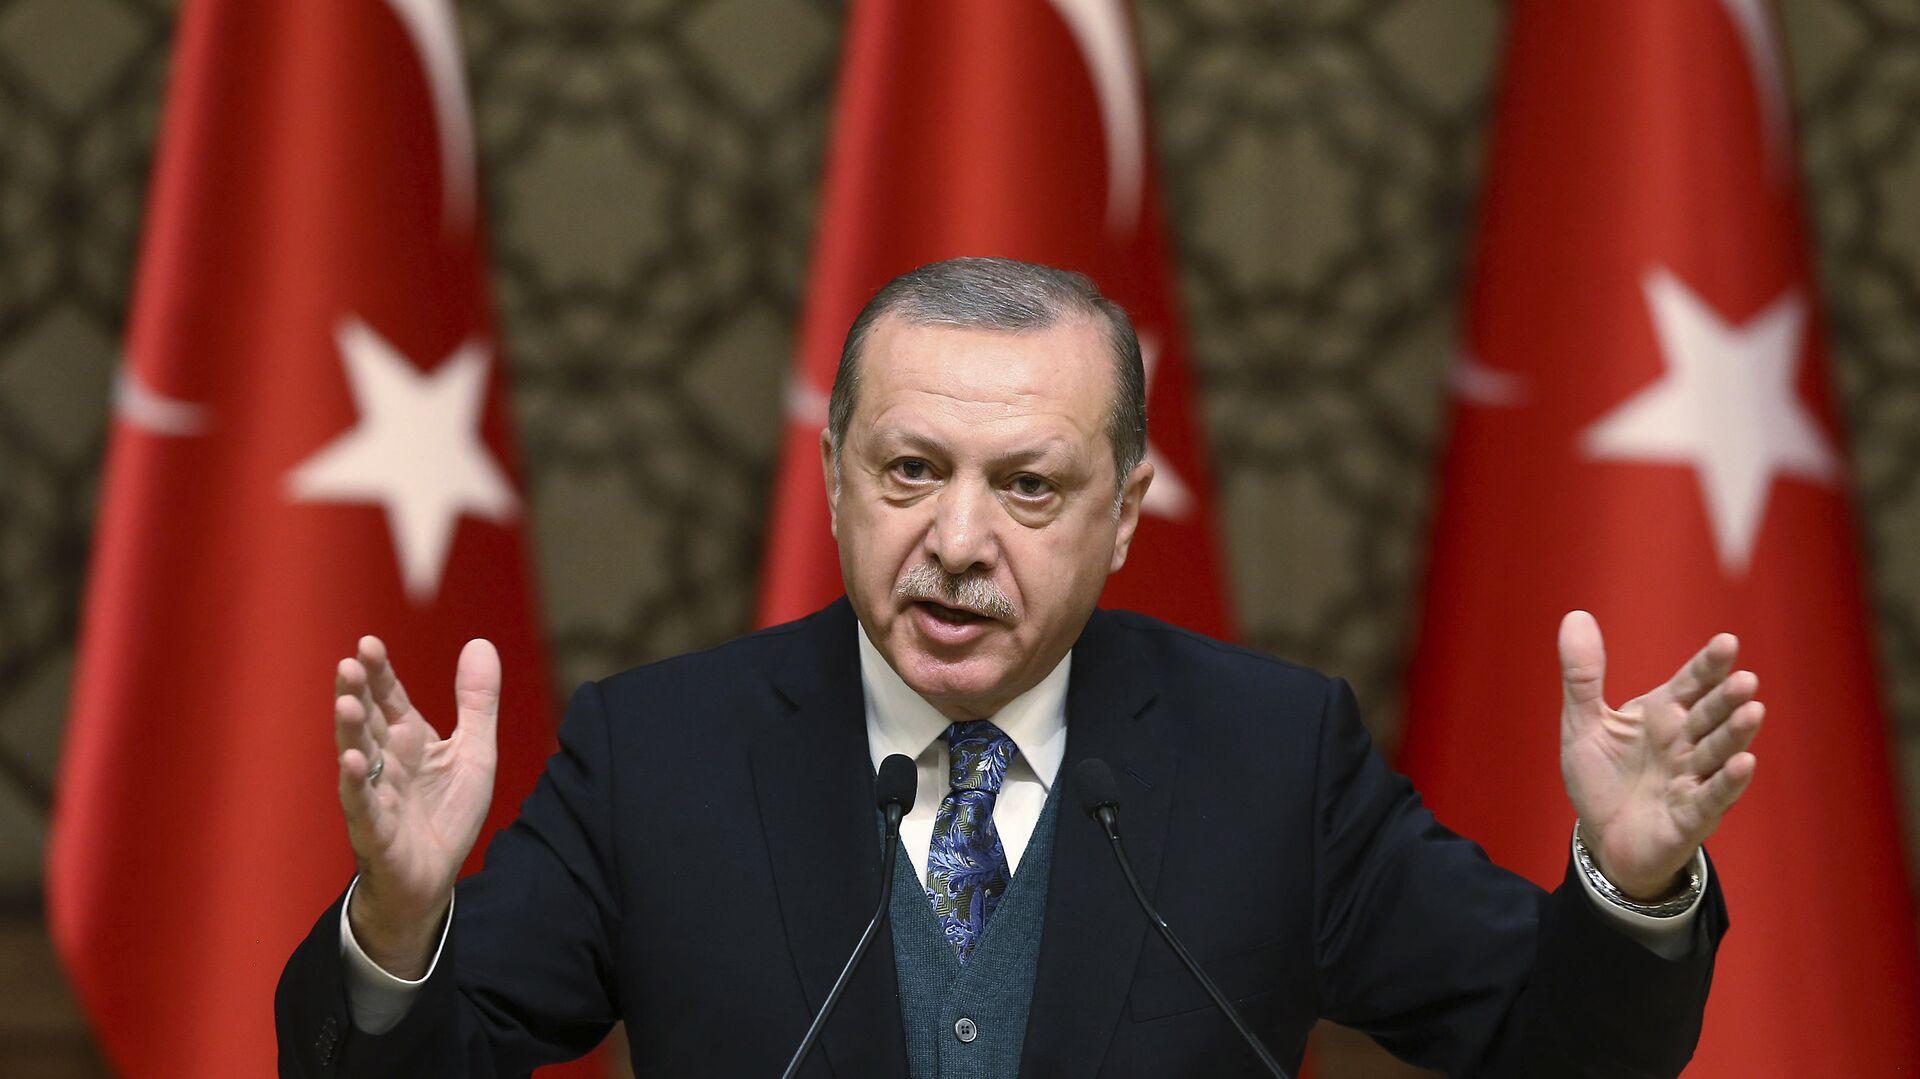 El presidente de Turquía, Recep Tayyip Erdogan, habla durante una ceremonia de premios culturales en Ankara, Turquía - Sputnik Mundo, 1920, 12.05.2021